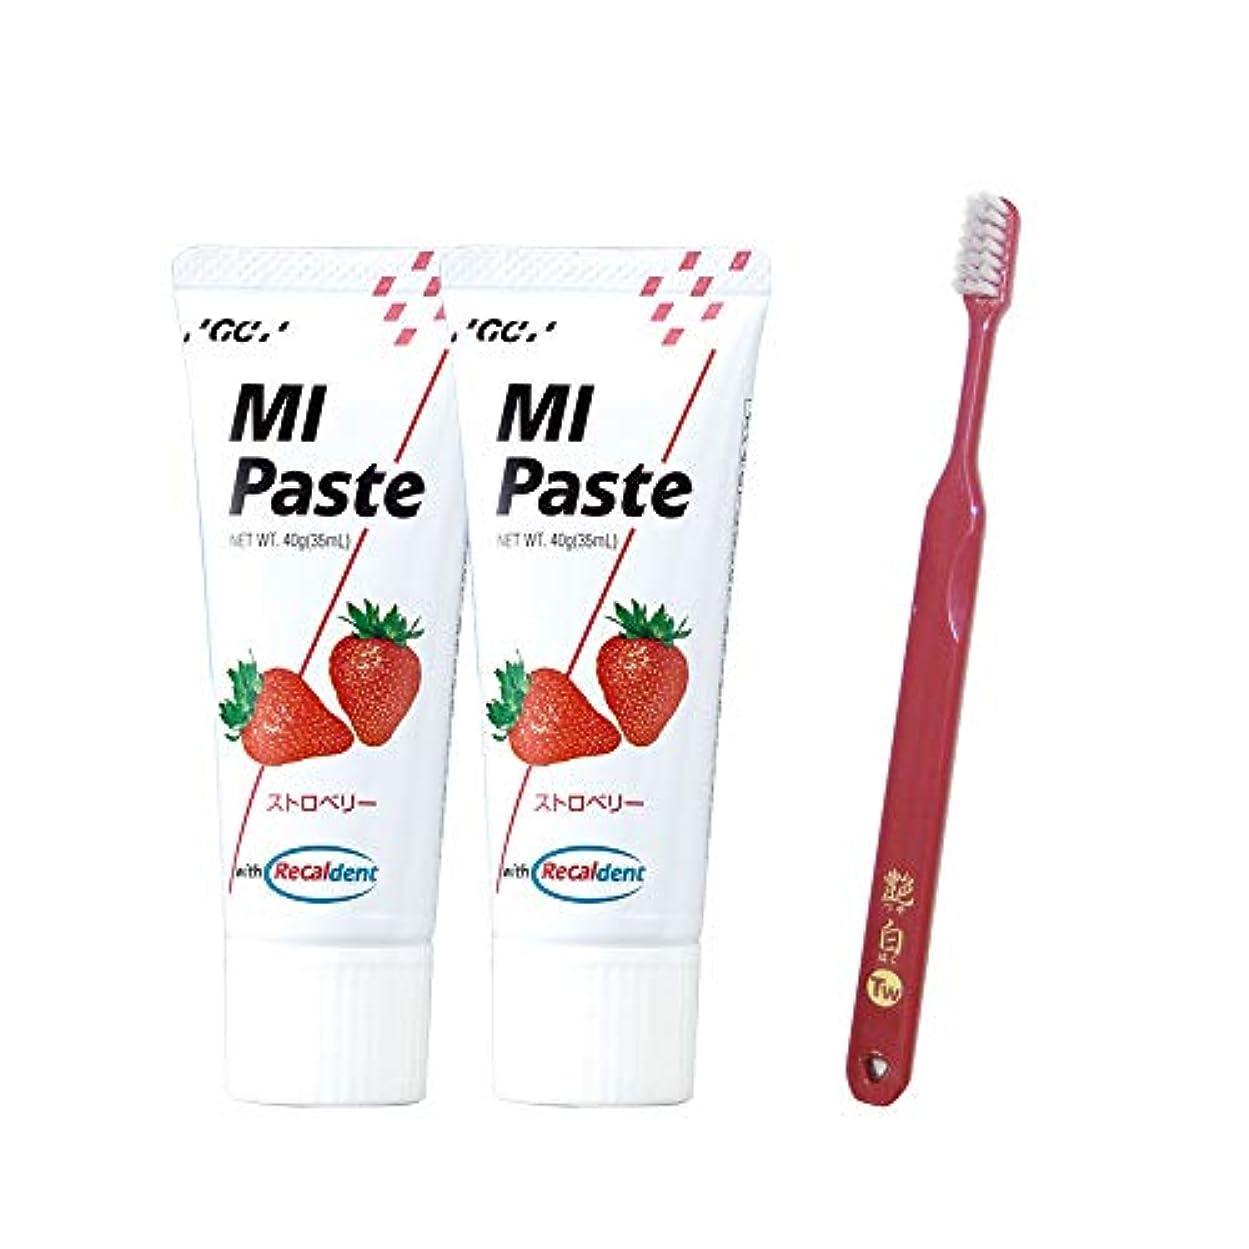 分割お互いエンディングGC MIペースト 40g × 2本セット いちご/ストロベリー+ 艶白(つやはく) Tw ツイン(二段植毛) 歯ブラシ×1本 MS(やややわらかめ) 歯科専売品